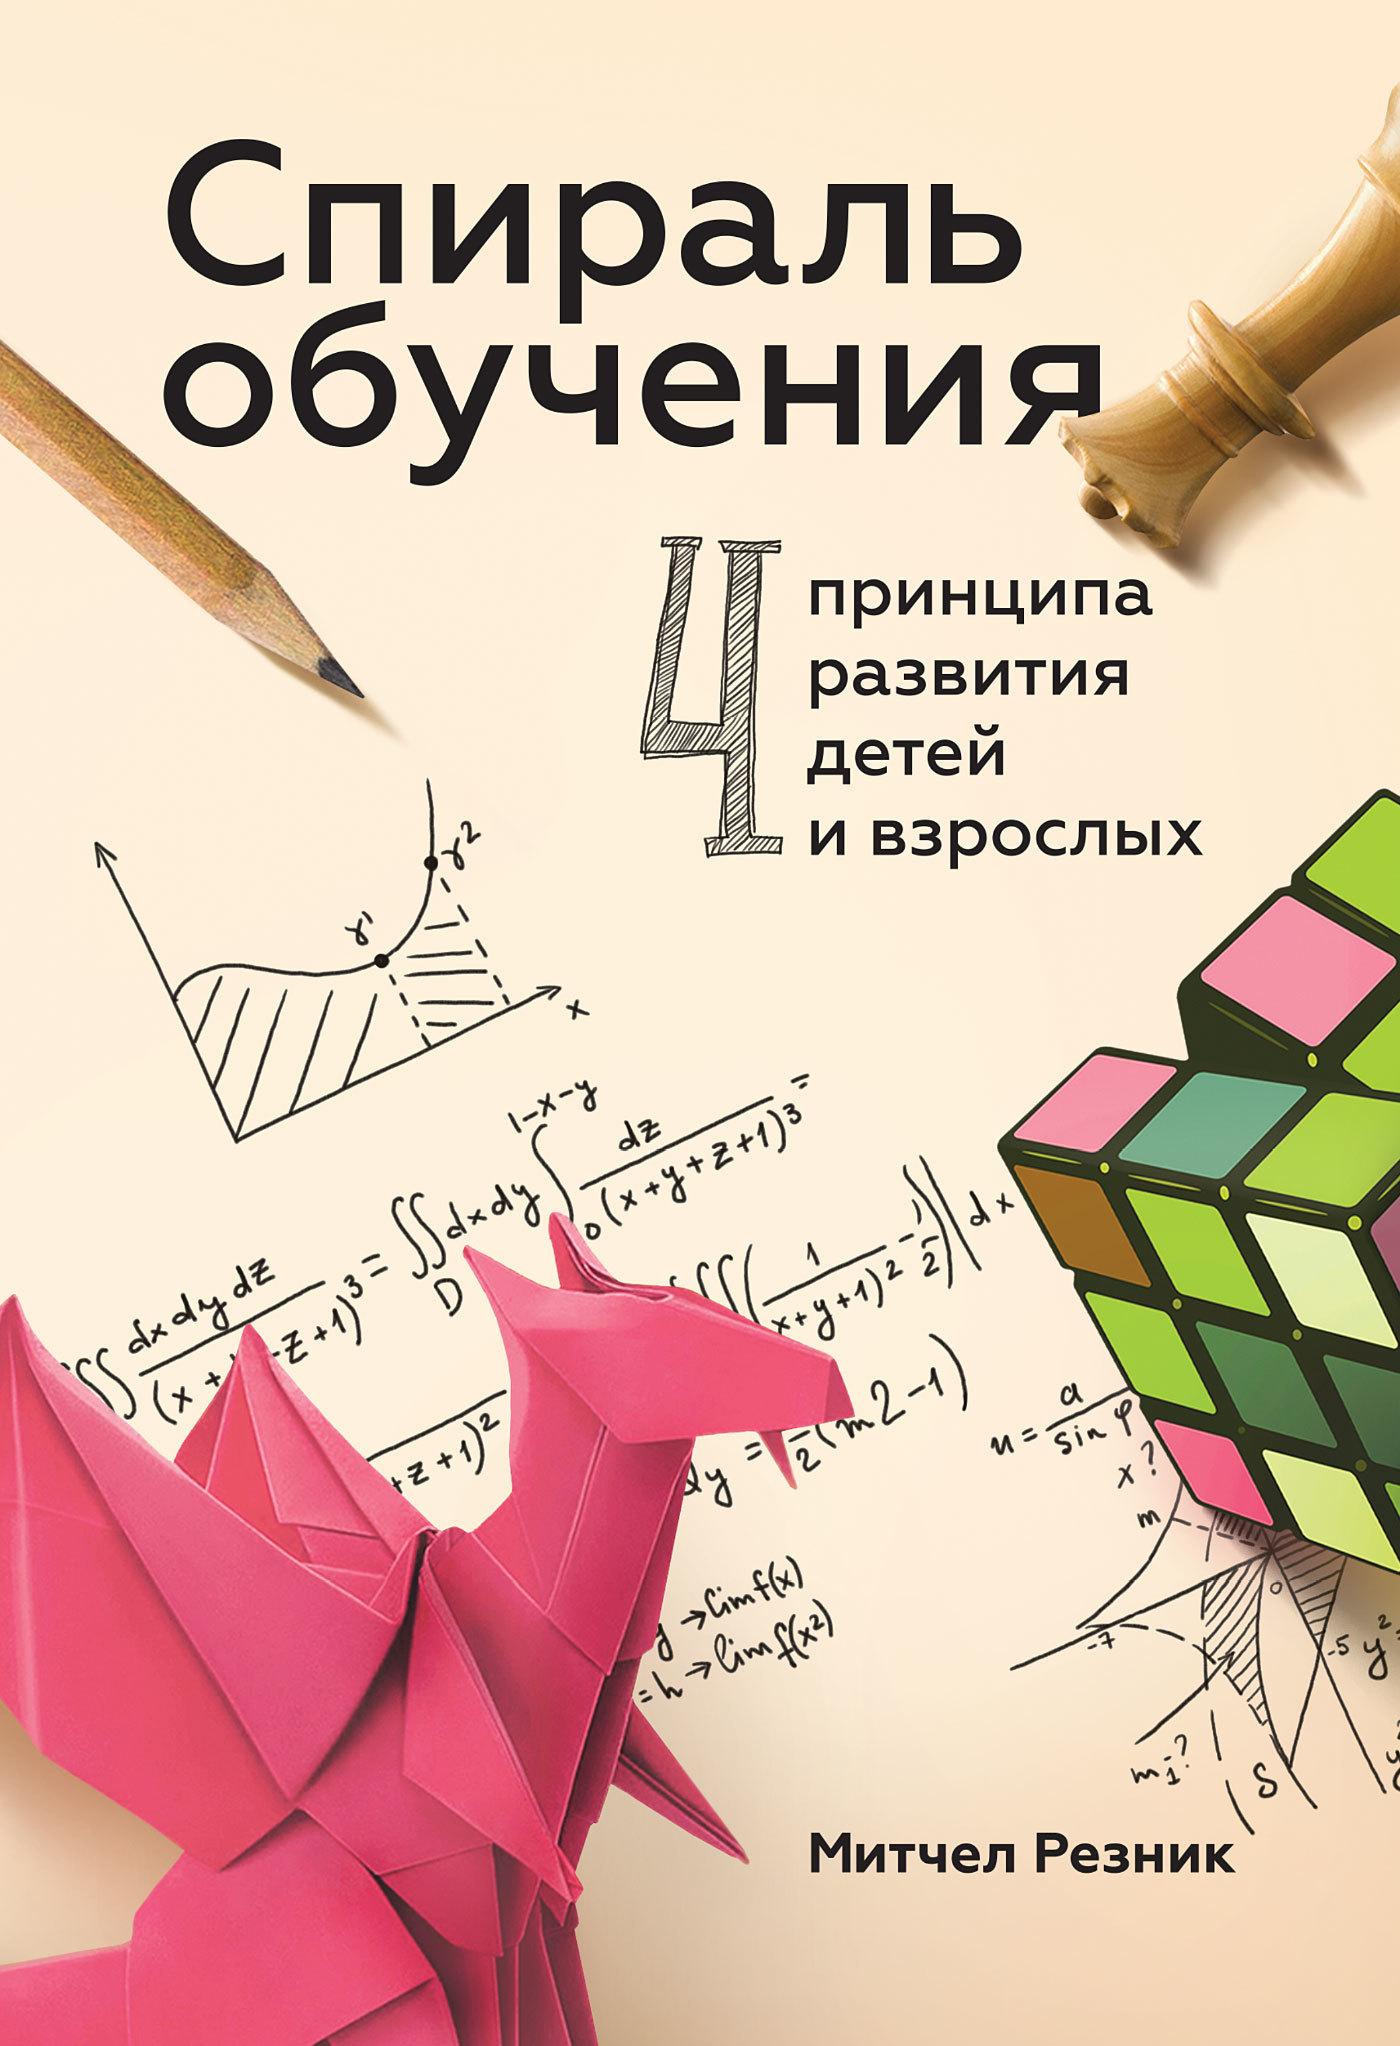 Книга Спираль обучения. 4принципа развития детей и взрослых